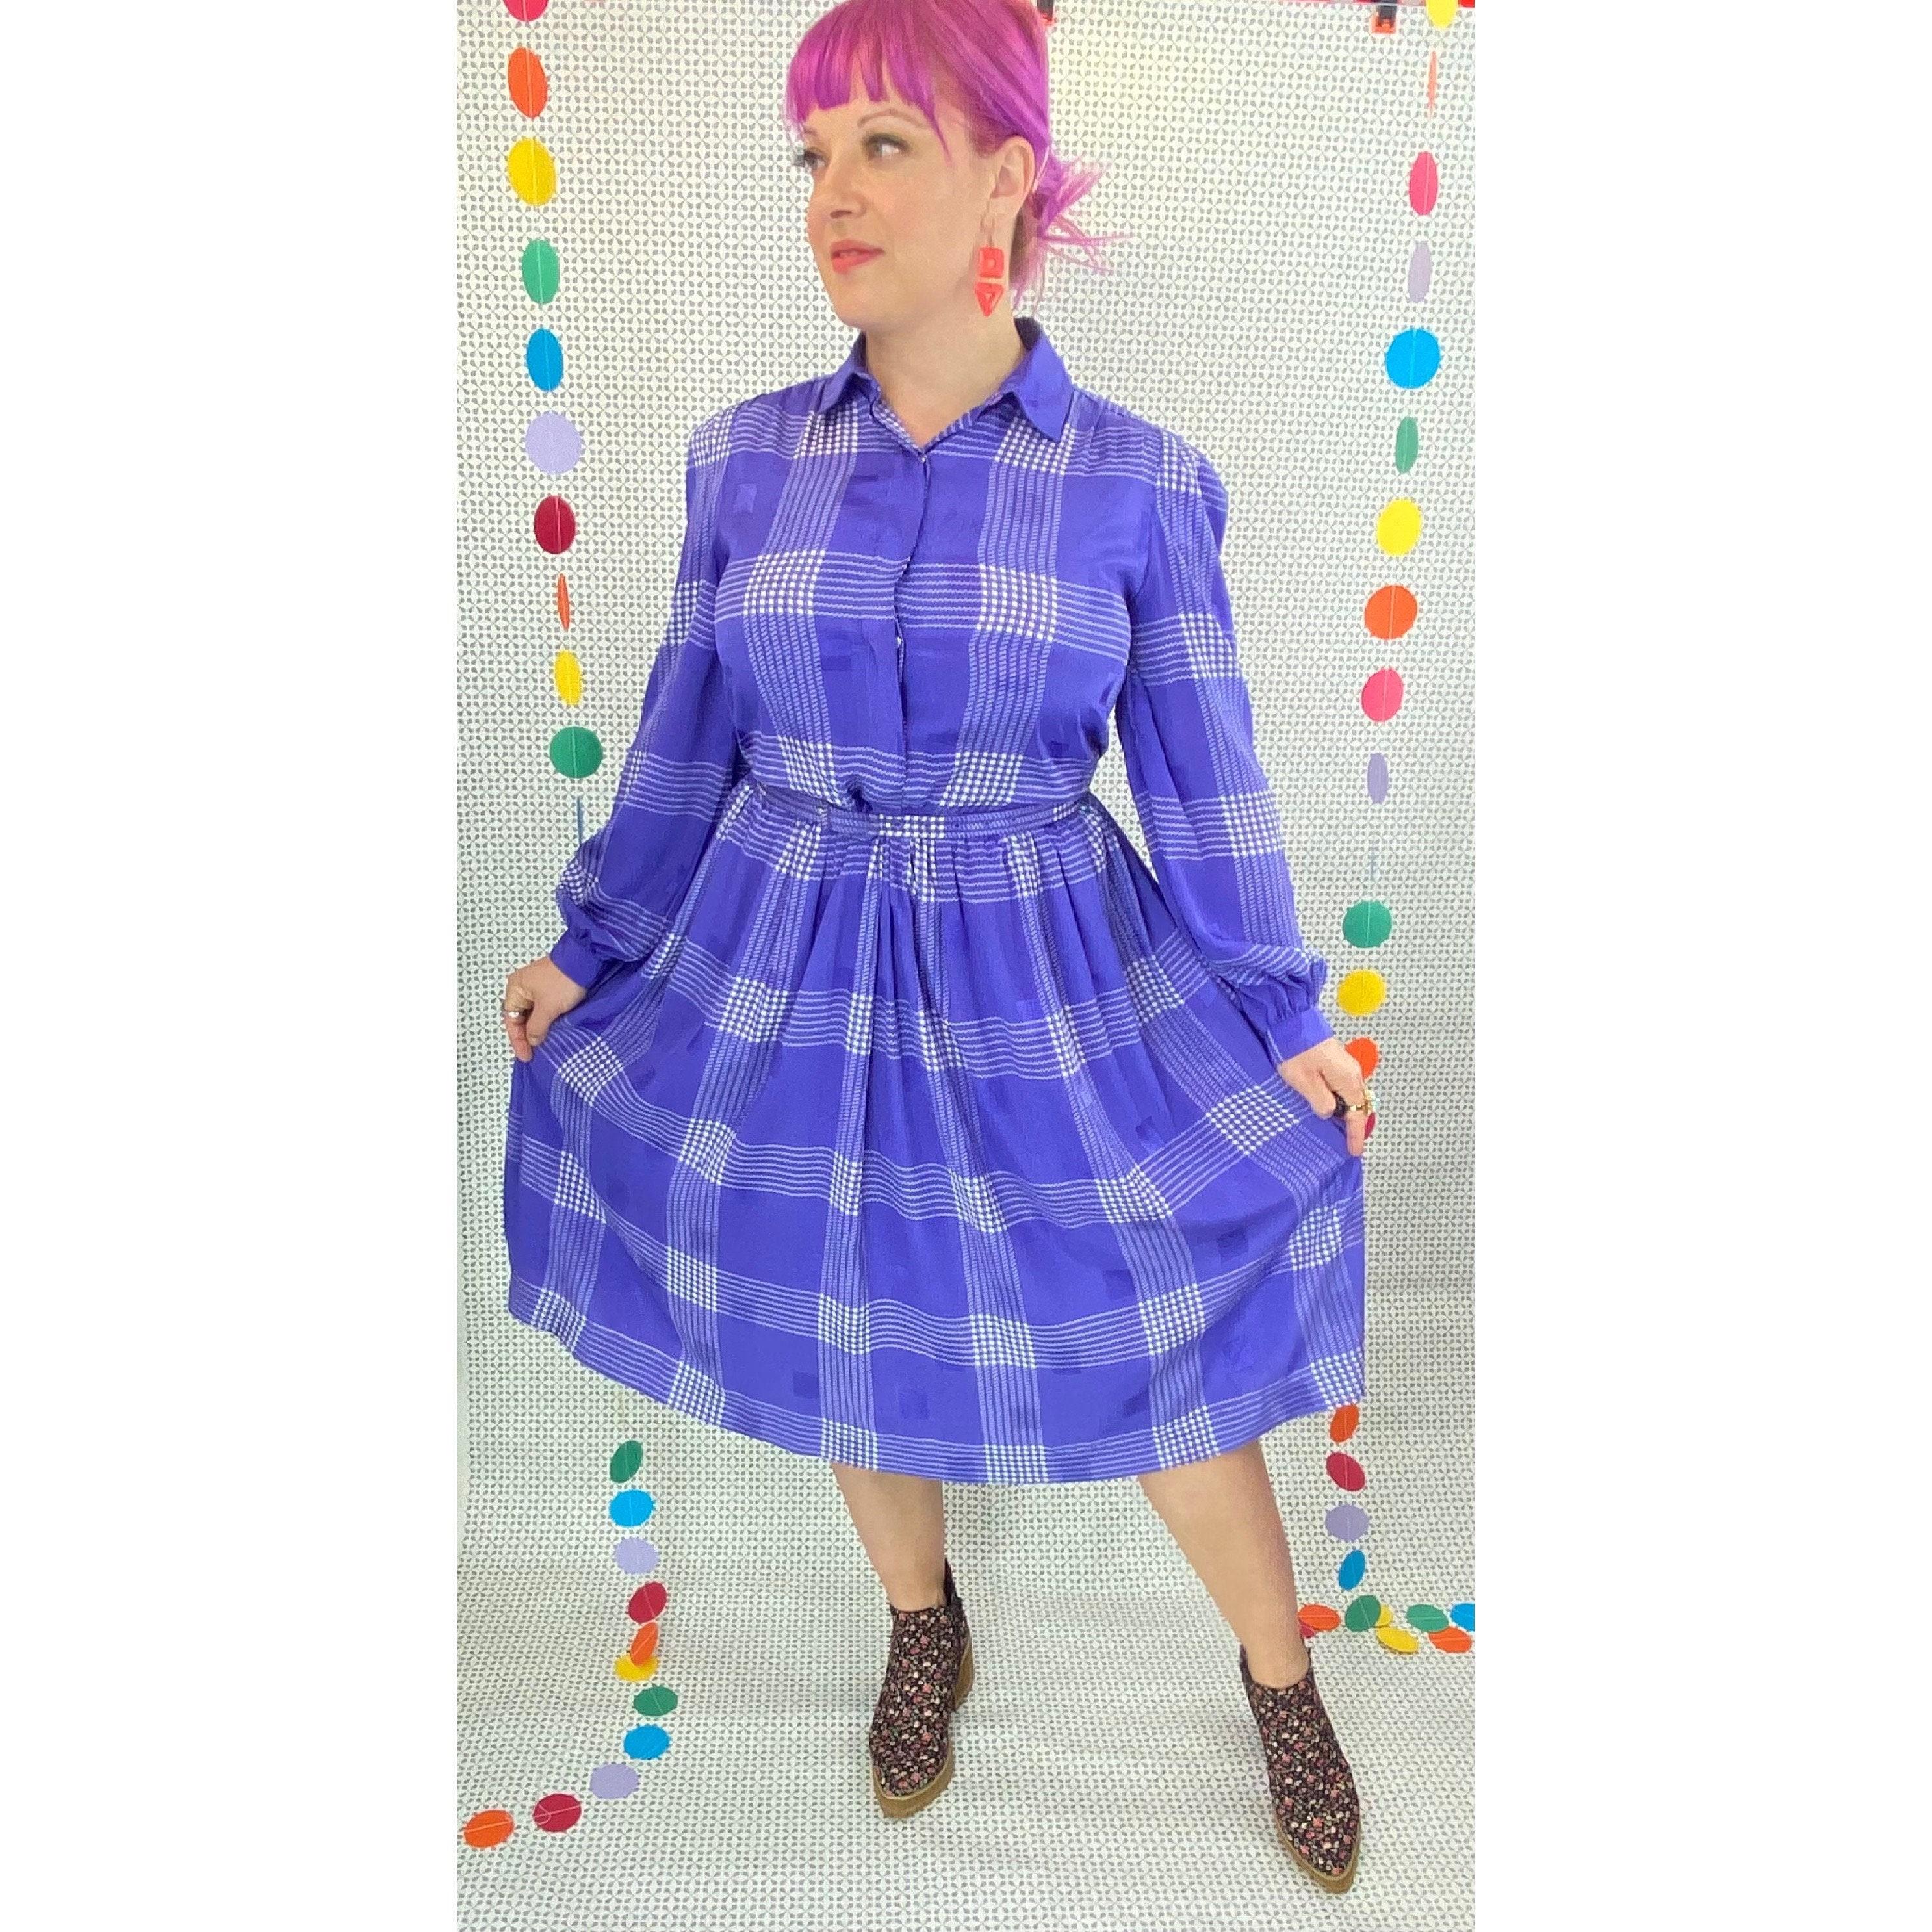 80s Dresses   Casual to Party Dresses 1980S 1990S Liz Claiborne Silky Shirtwaist Dress, 80S 90S Purple Plaid Midi Dress  Large $0.00 AT vintagedancer.com